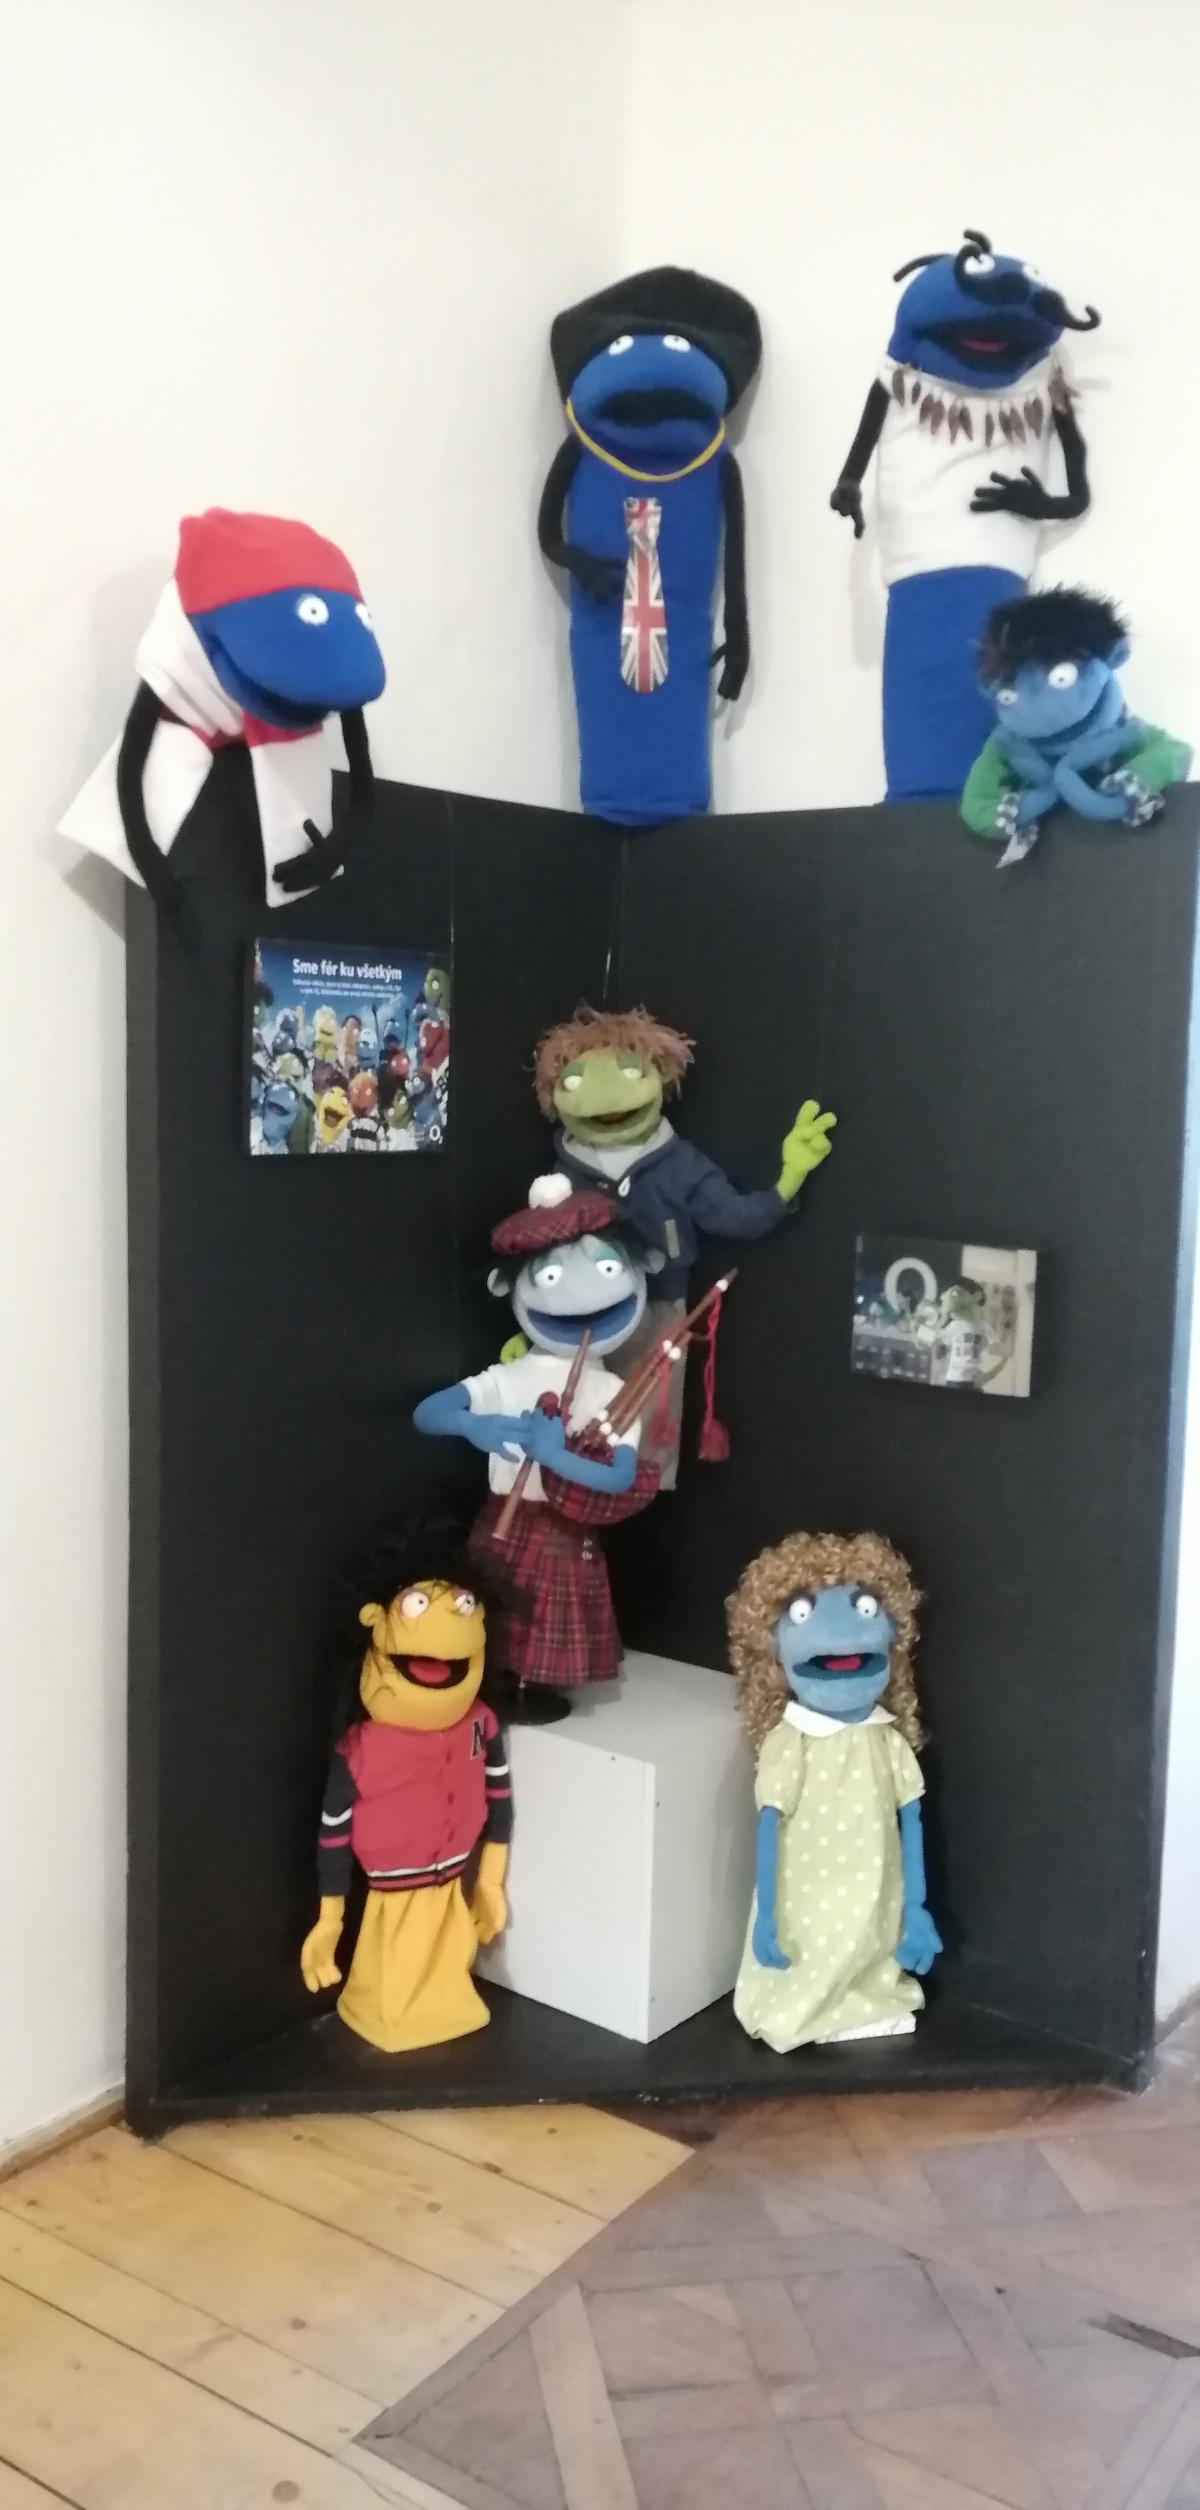 Modrý Kameň - Múzeum hračiek - postavičky známej Muppets Show